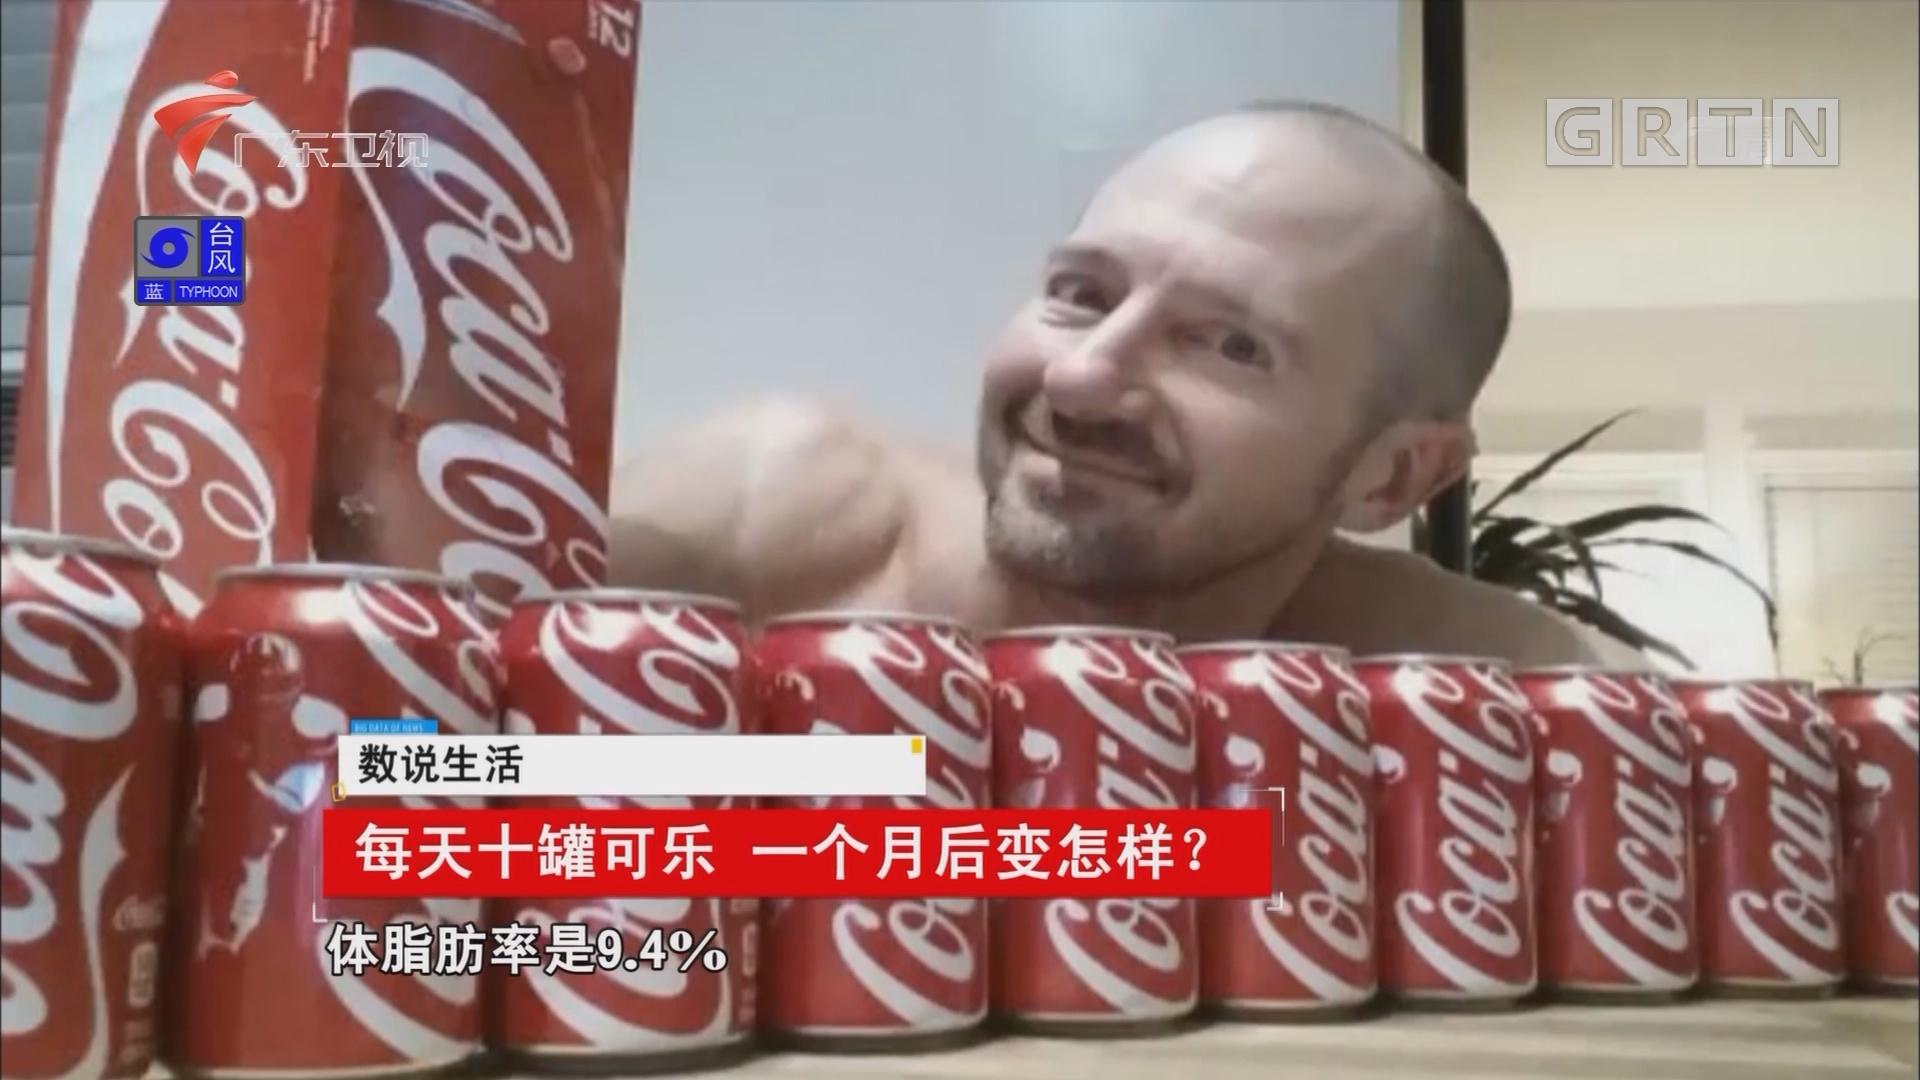 每天十罐可乐 一个月后变怎样?